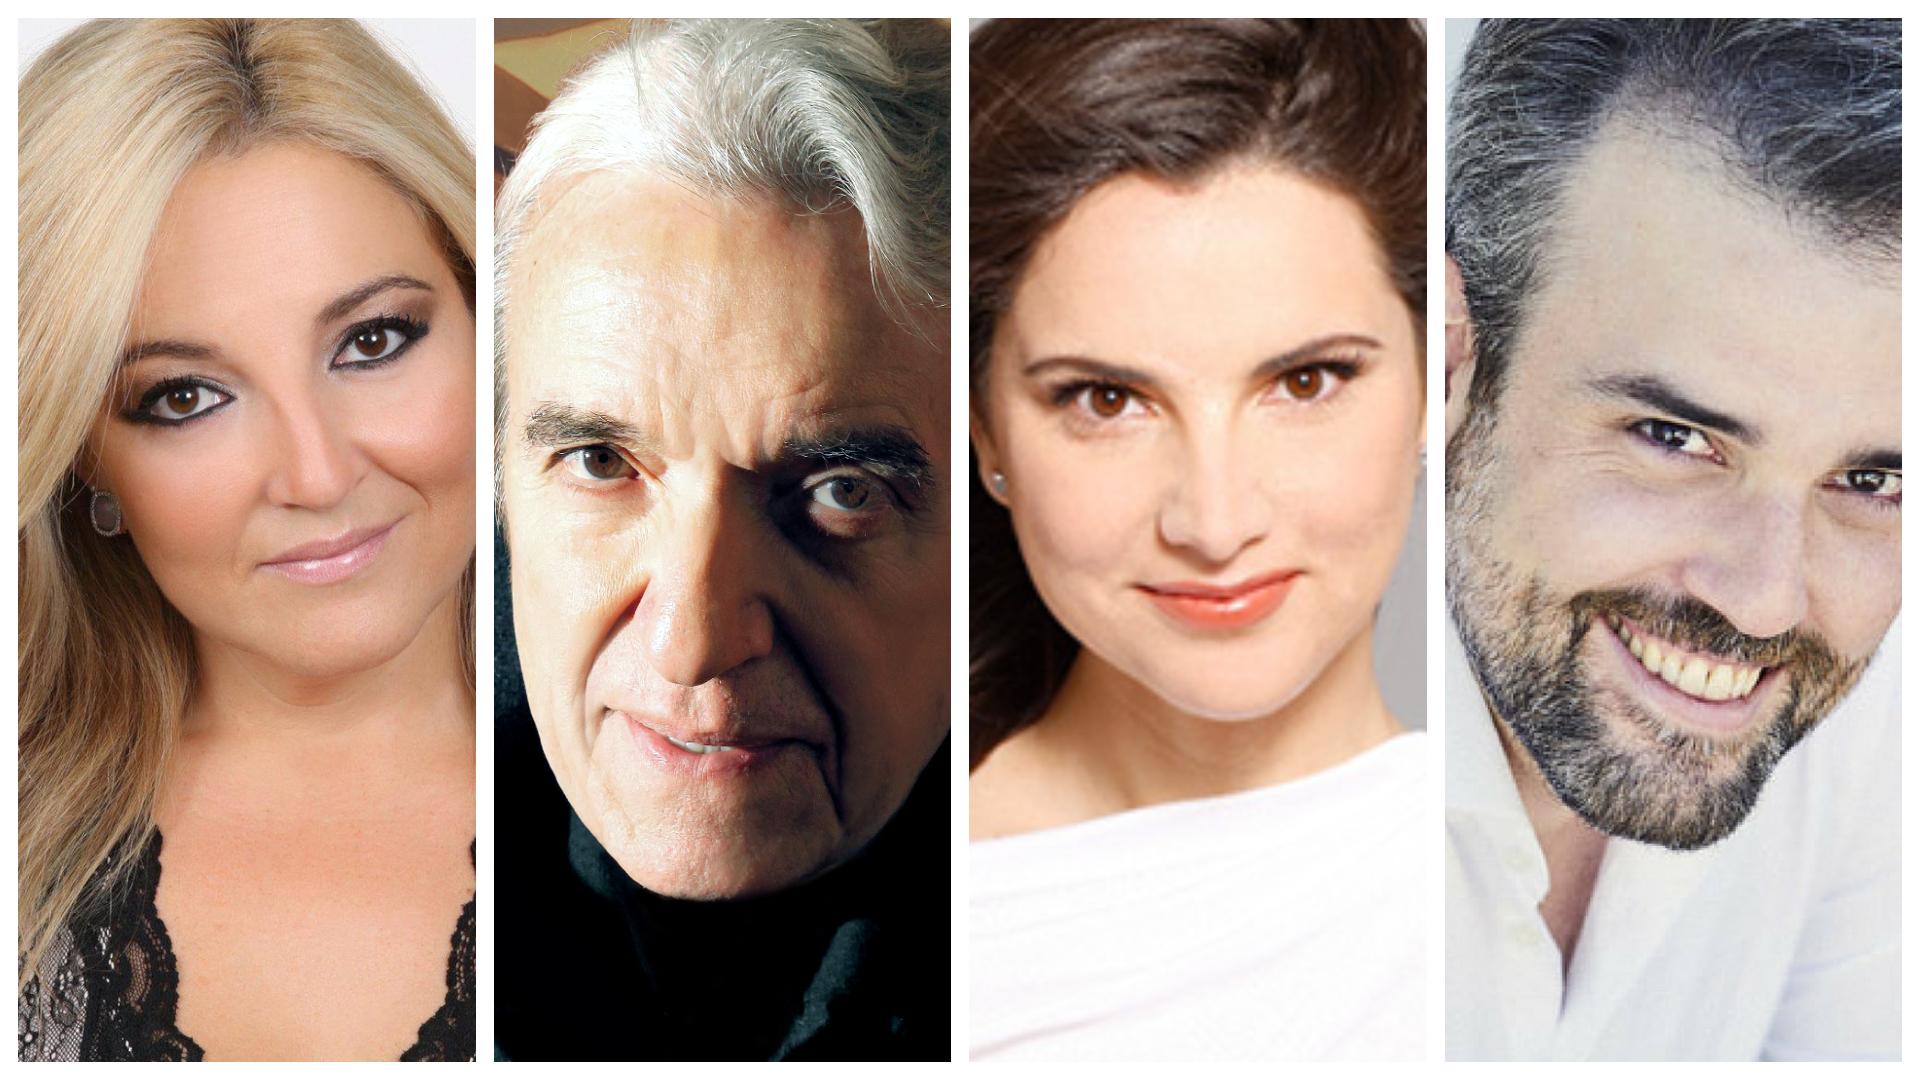 XII Concierto Extraordinario de la Fundación Prodis